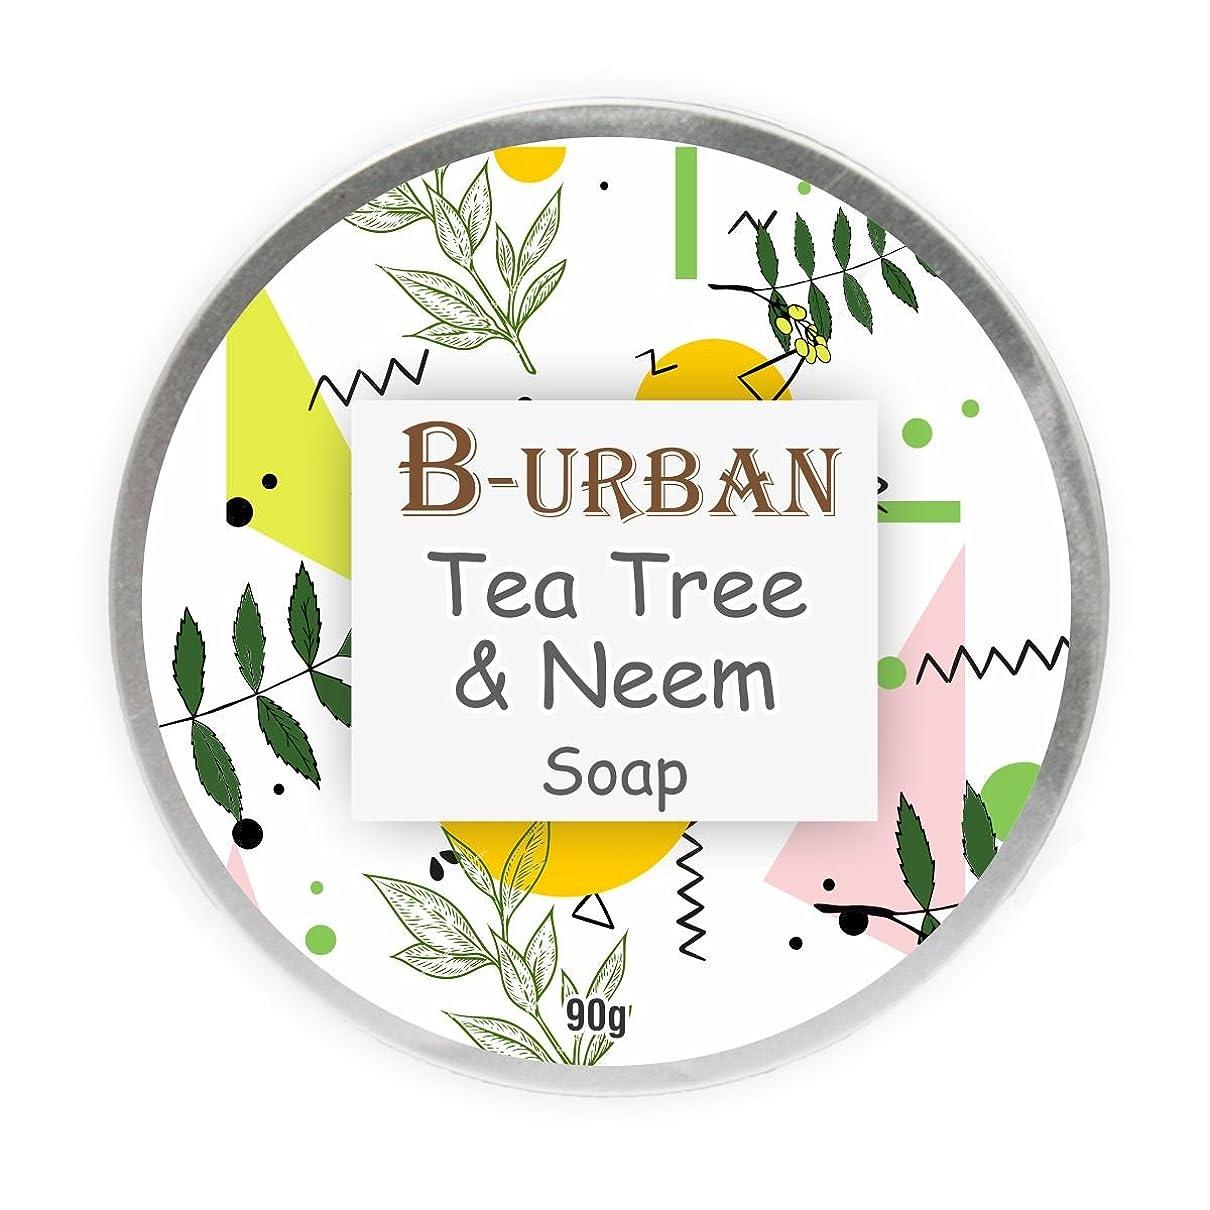 損なう結核ネストB-Urban Tea Tree And Neem Soap Made With Natural And Organic Ingredients. Paraben And Sulphate Free. Anti Bacterial And Anti Fungal Soap. Treats Acne. Comes In A Unique Aluminium Box Pack